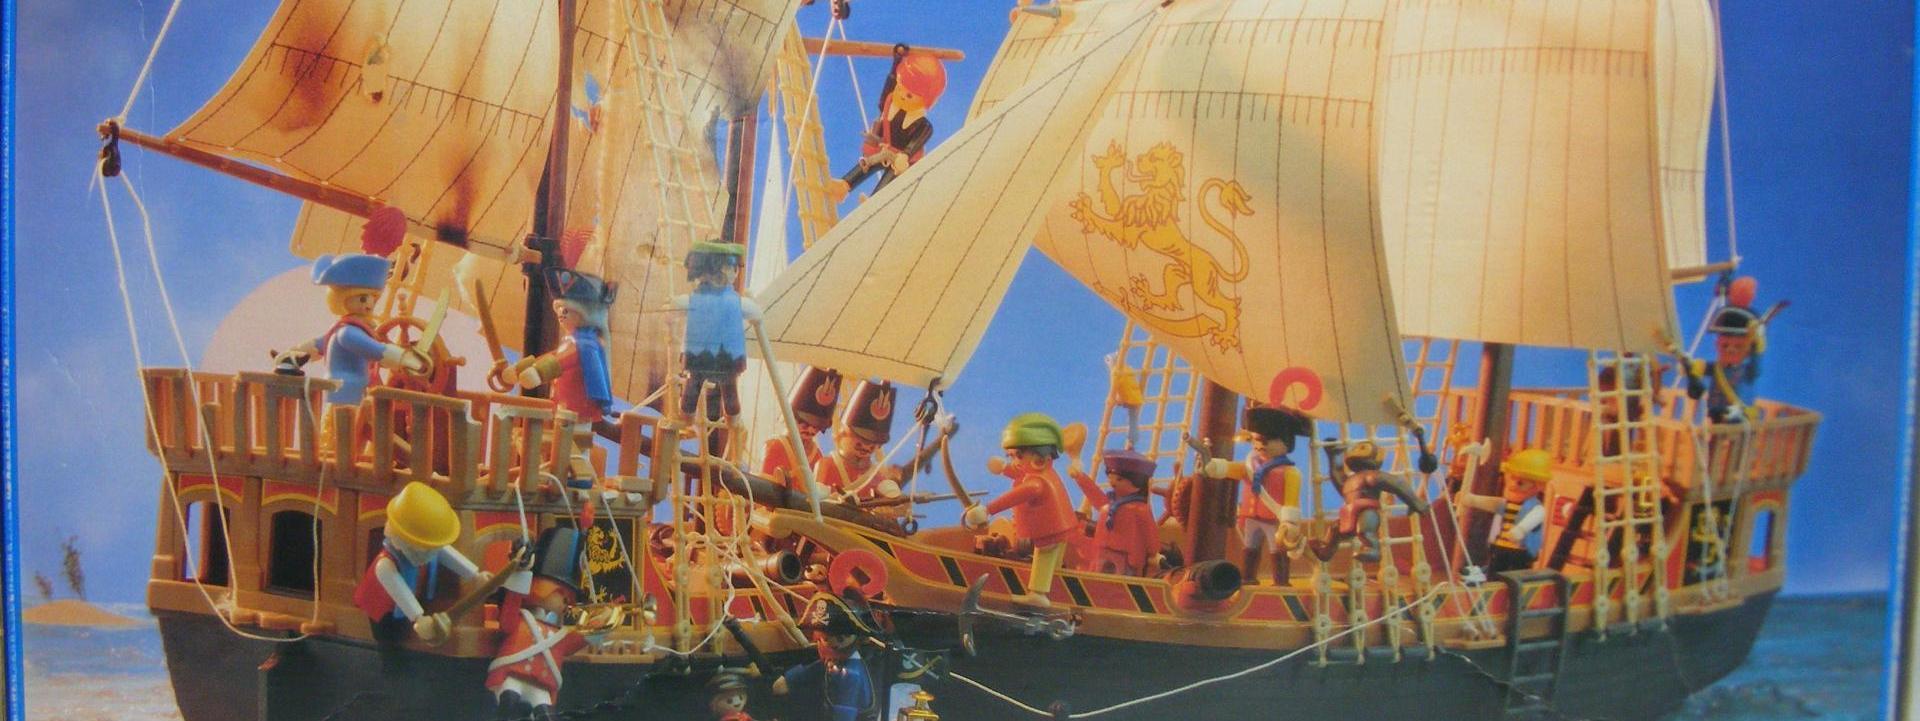 PLAYMOBIL 3750 BARCO PIRATA (1988 - 1999)